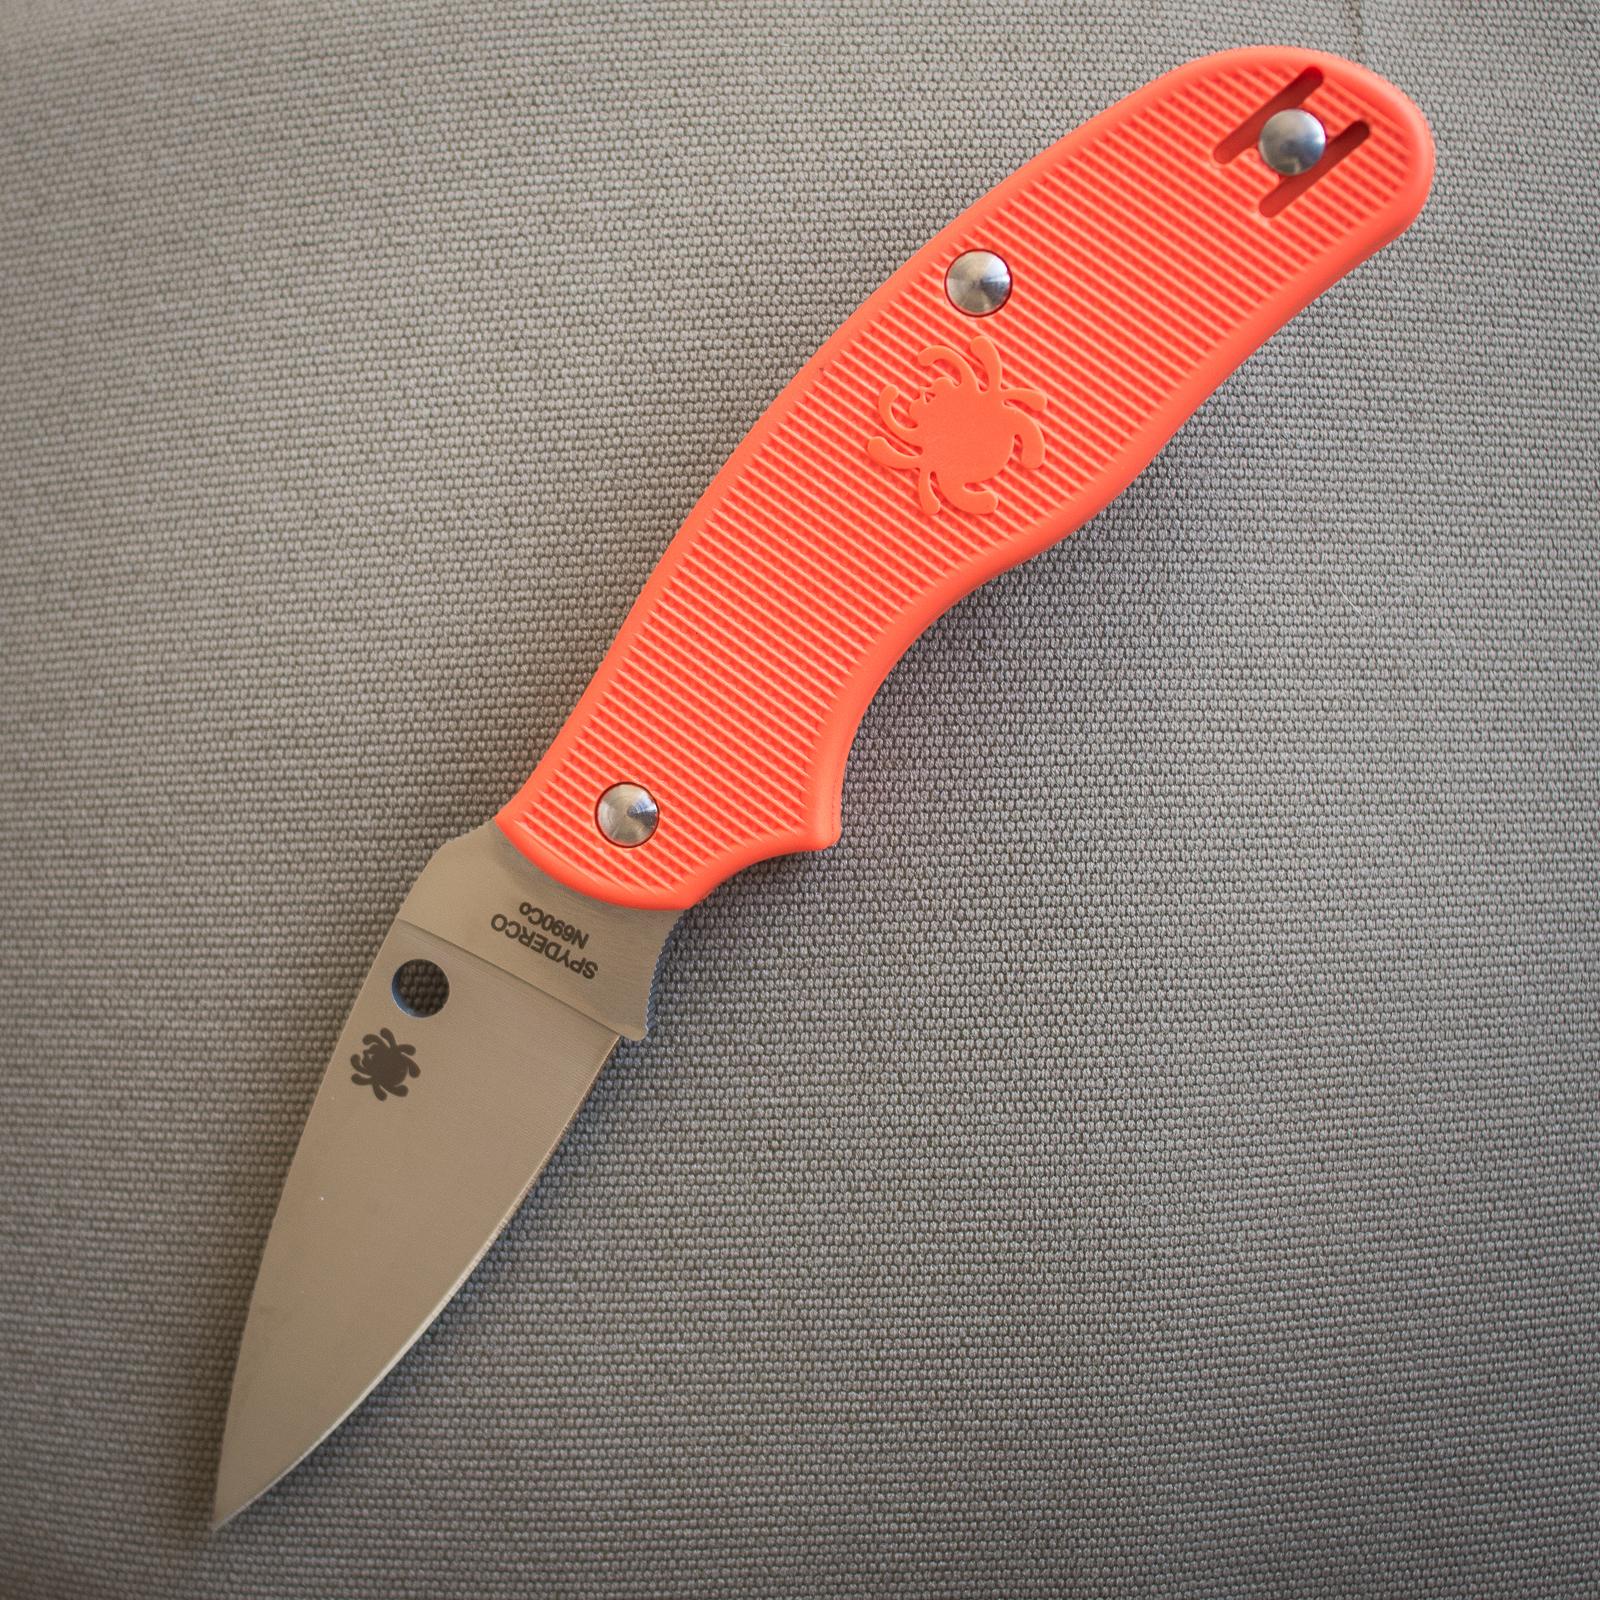 Spy DK-7731.jpg